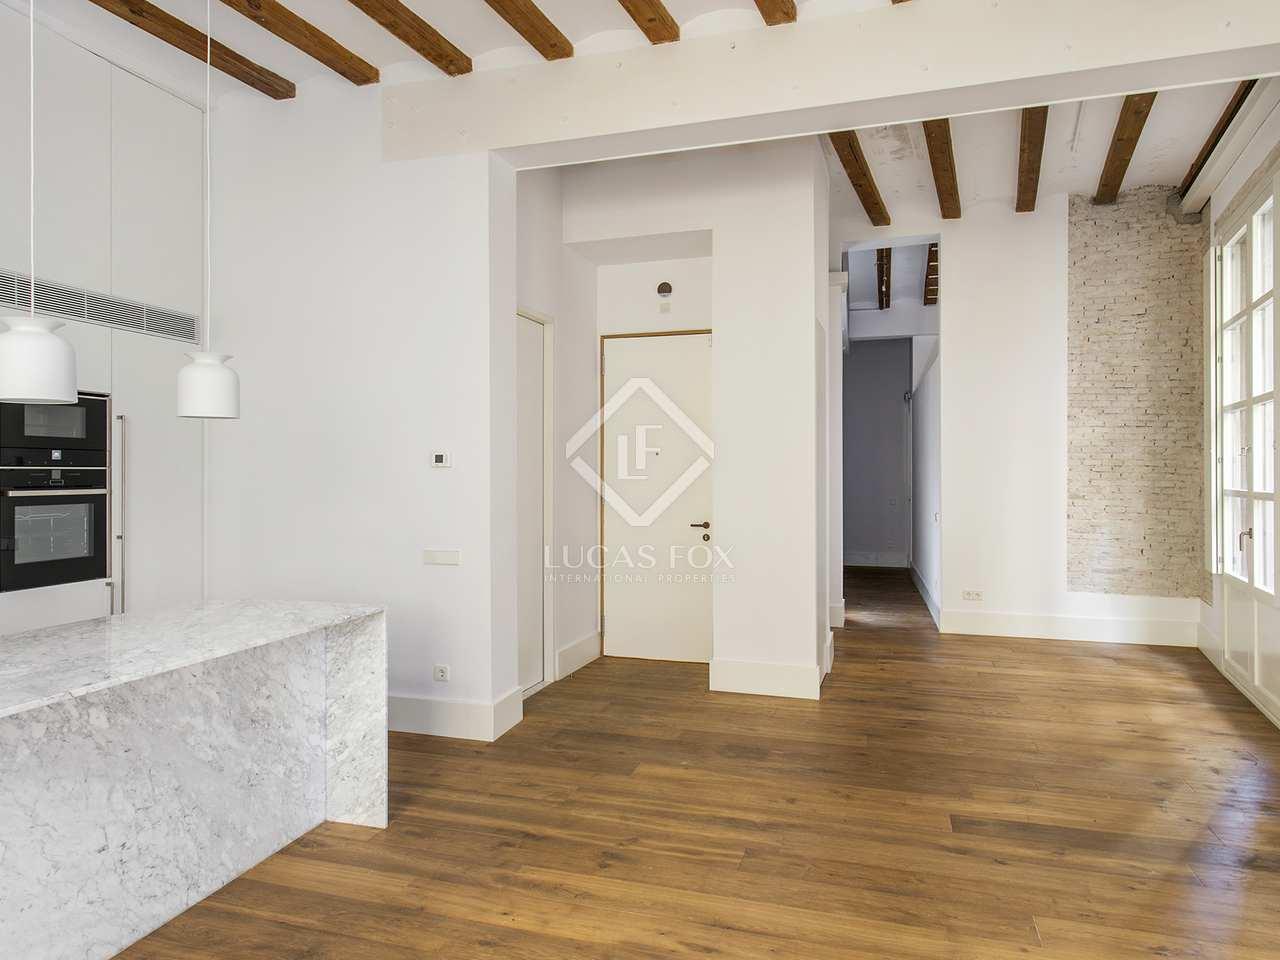 Appartement de 126m a louer g tico barcelone for Appartement a louer a barcelone avec piscine